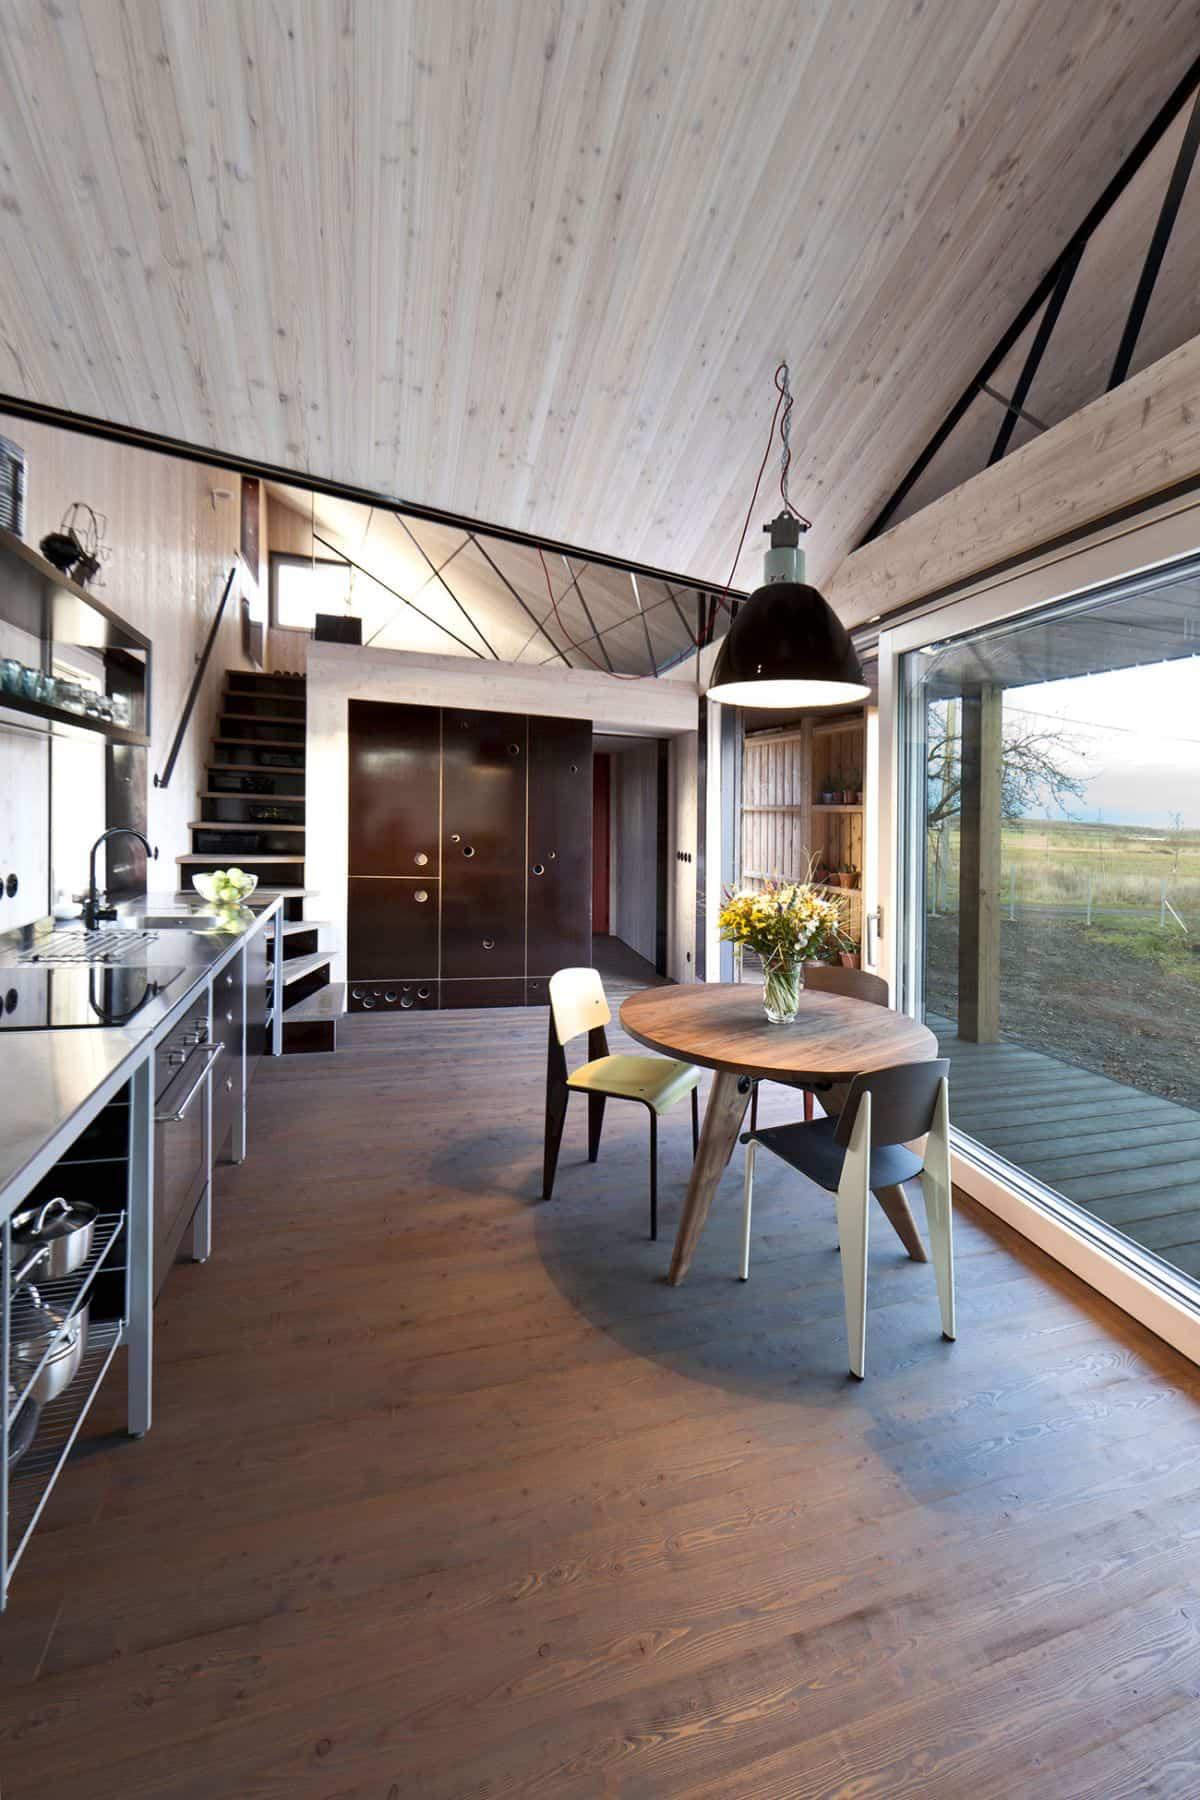 Casa de madera Zilvar vistas exteriores